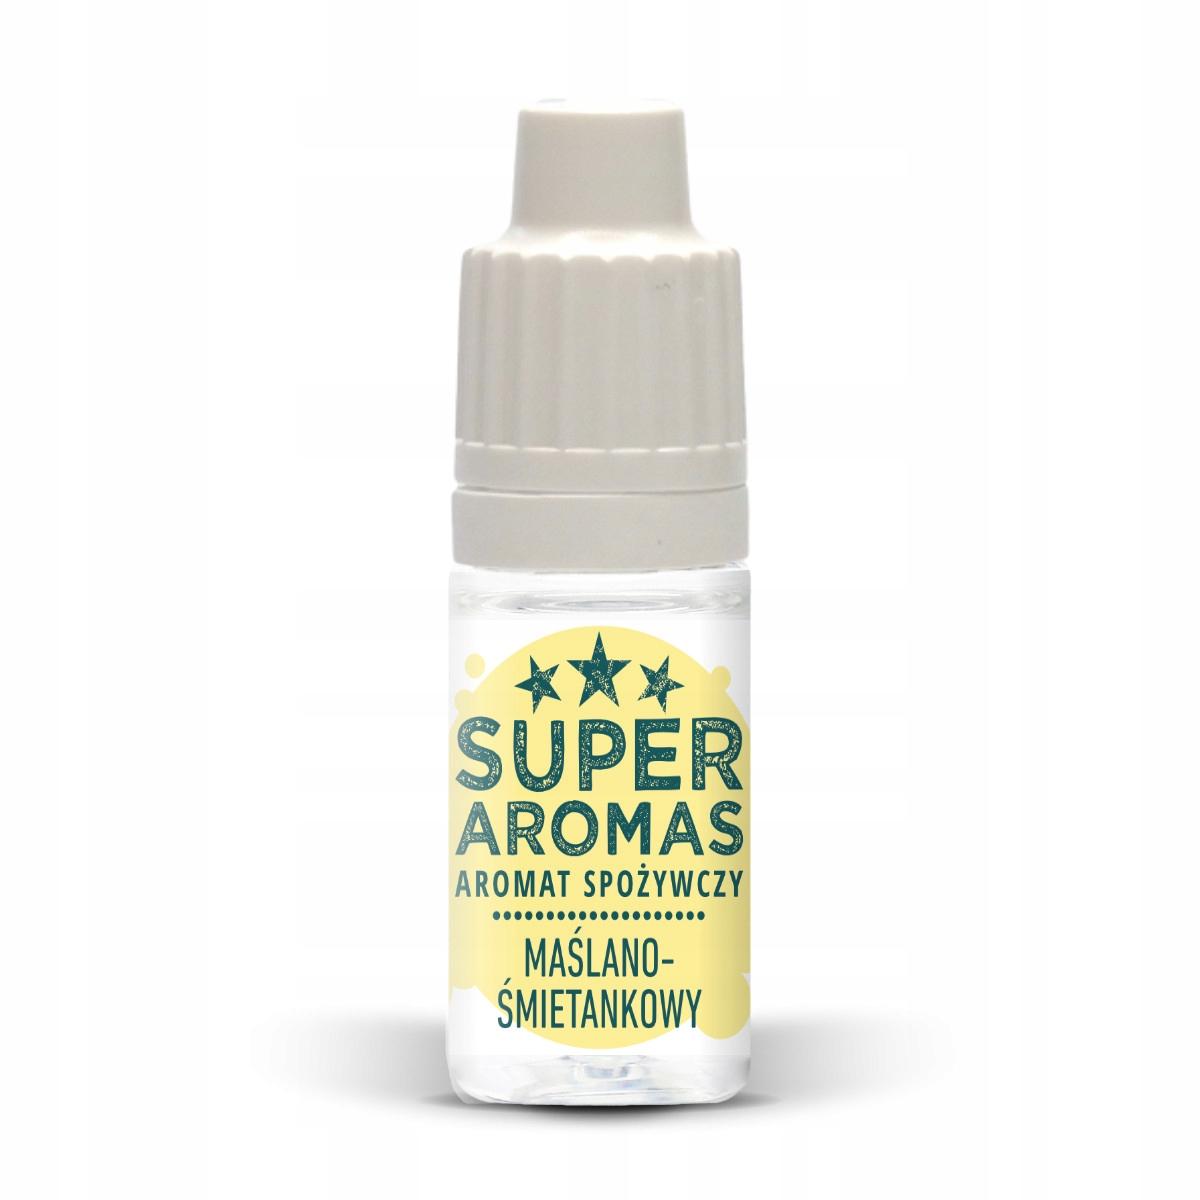 SUPER AROMAS BUTTER CREAM аромат 10мл